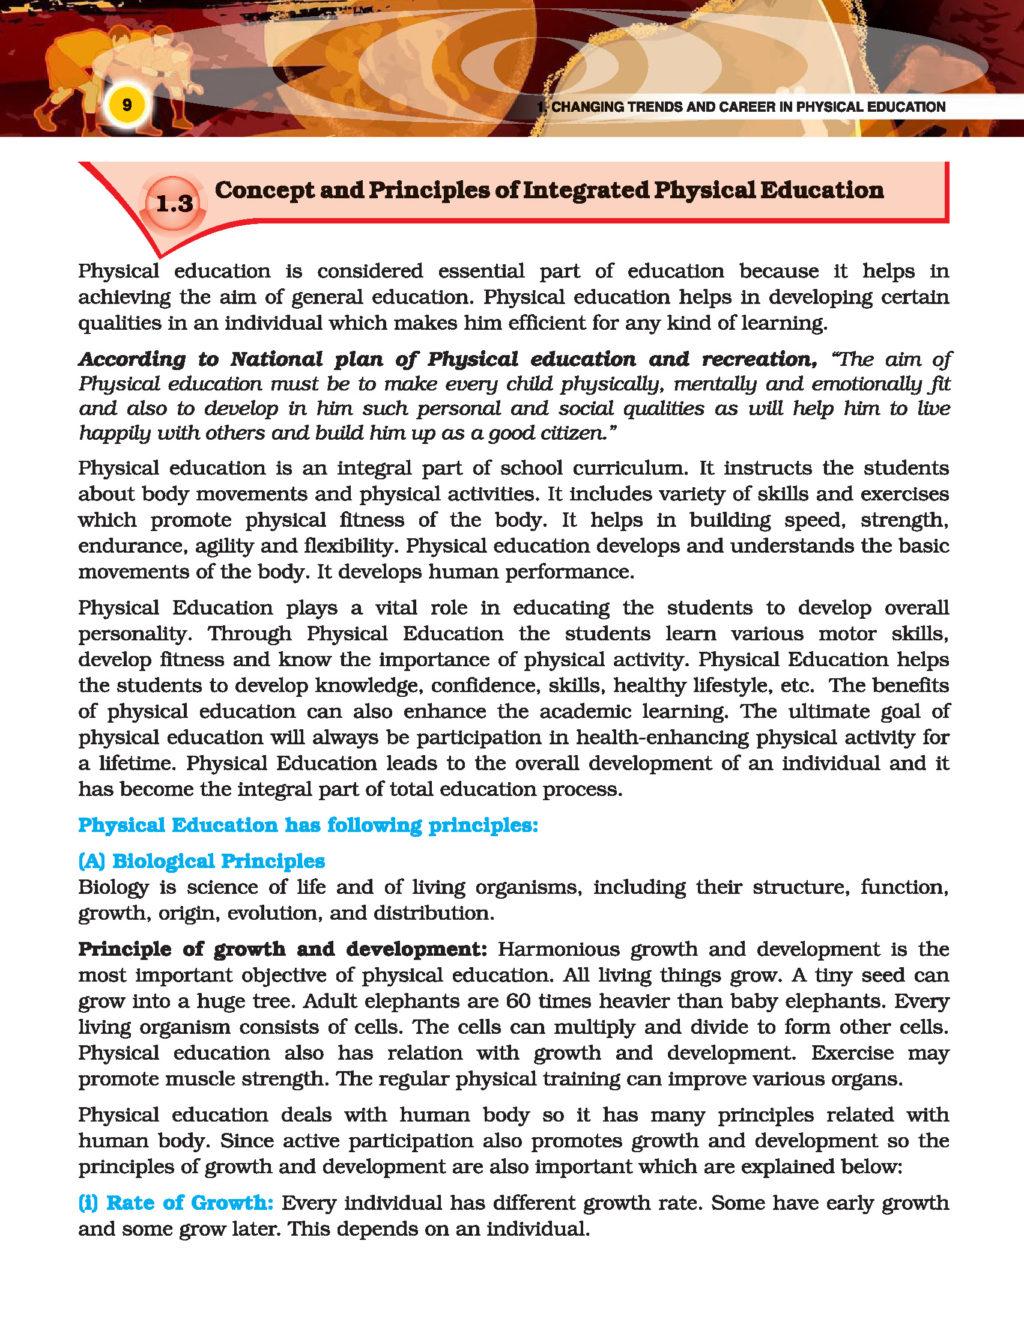 https://vishvasbook.com/wp-content/uploads/2016/09/Physical-Education_ebook_11_Page_19-1024x1321.jpg